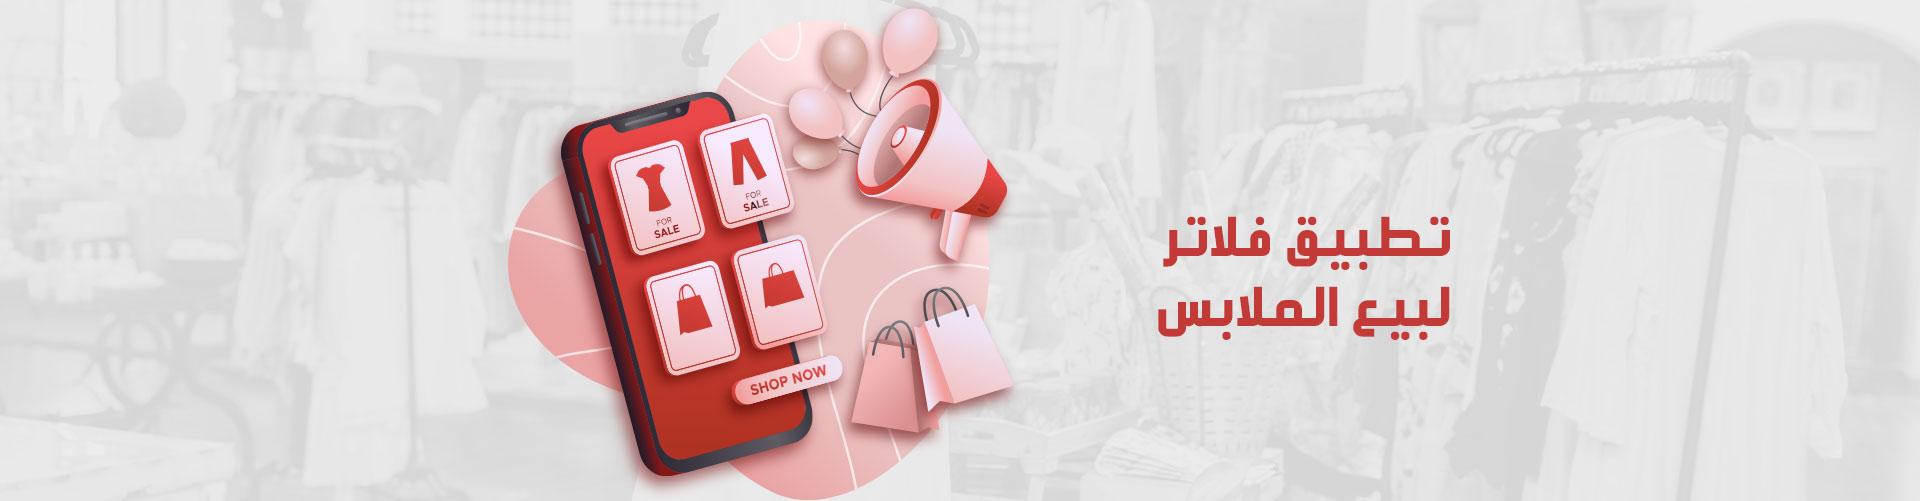 تطبيق فلاتر لبيع الملابس